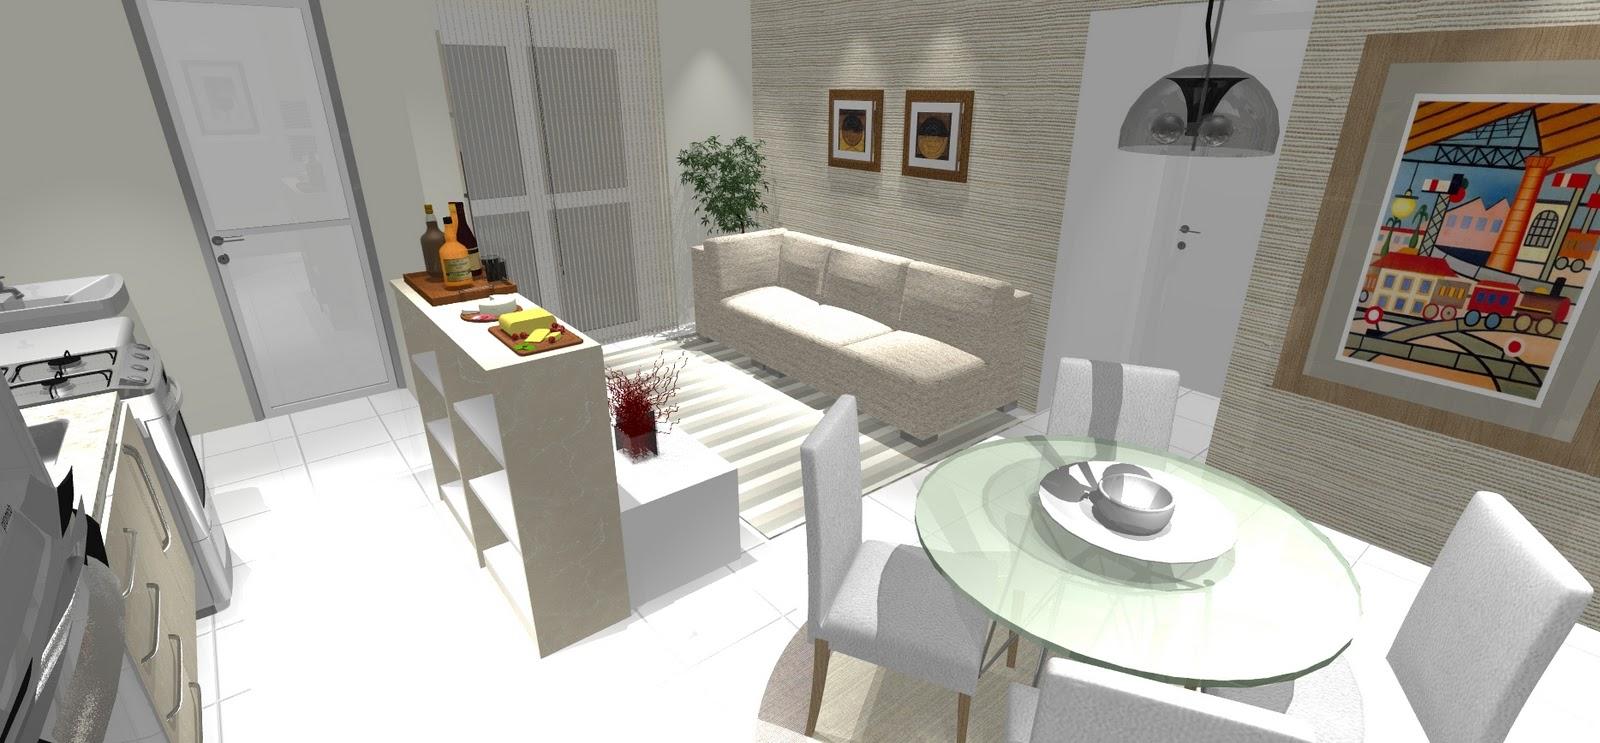 Cozinhas E Salas Conjugadas Mveis Para Dividir Salas E Cozinhas  -> Quarto Sala E Cozinha Conjugadas